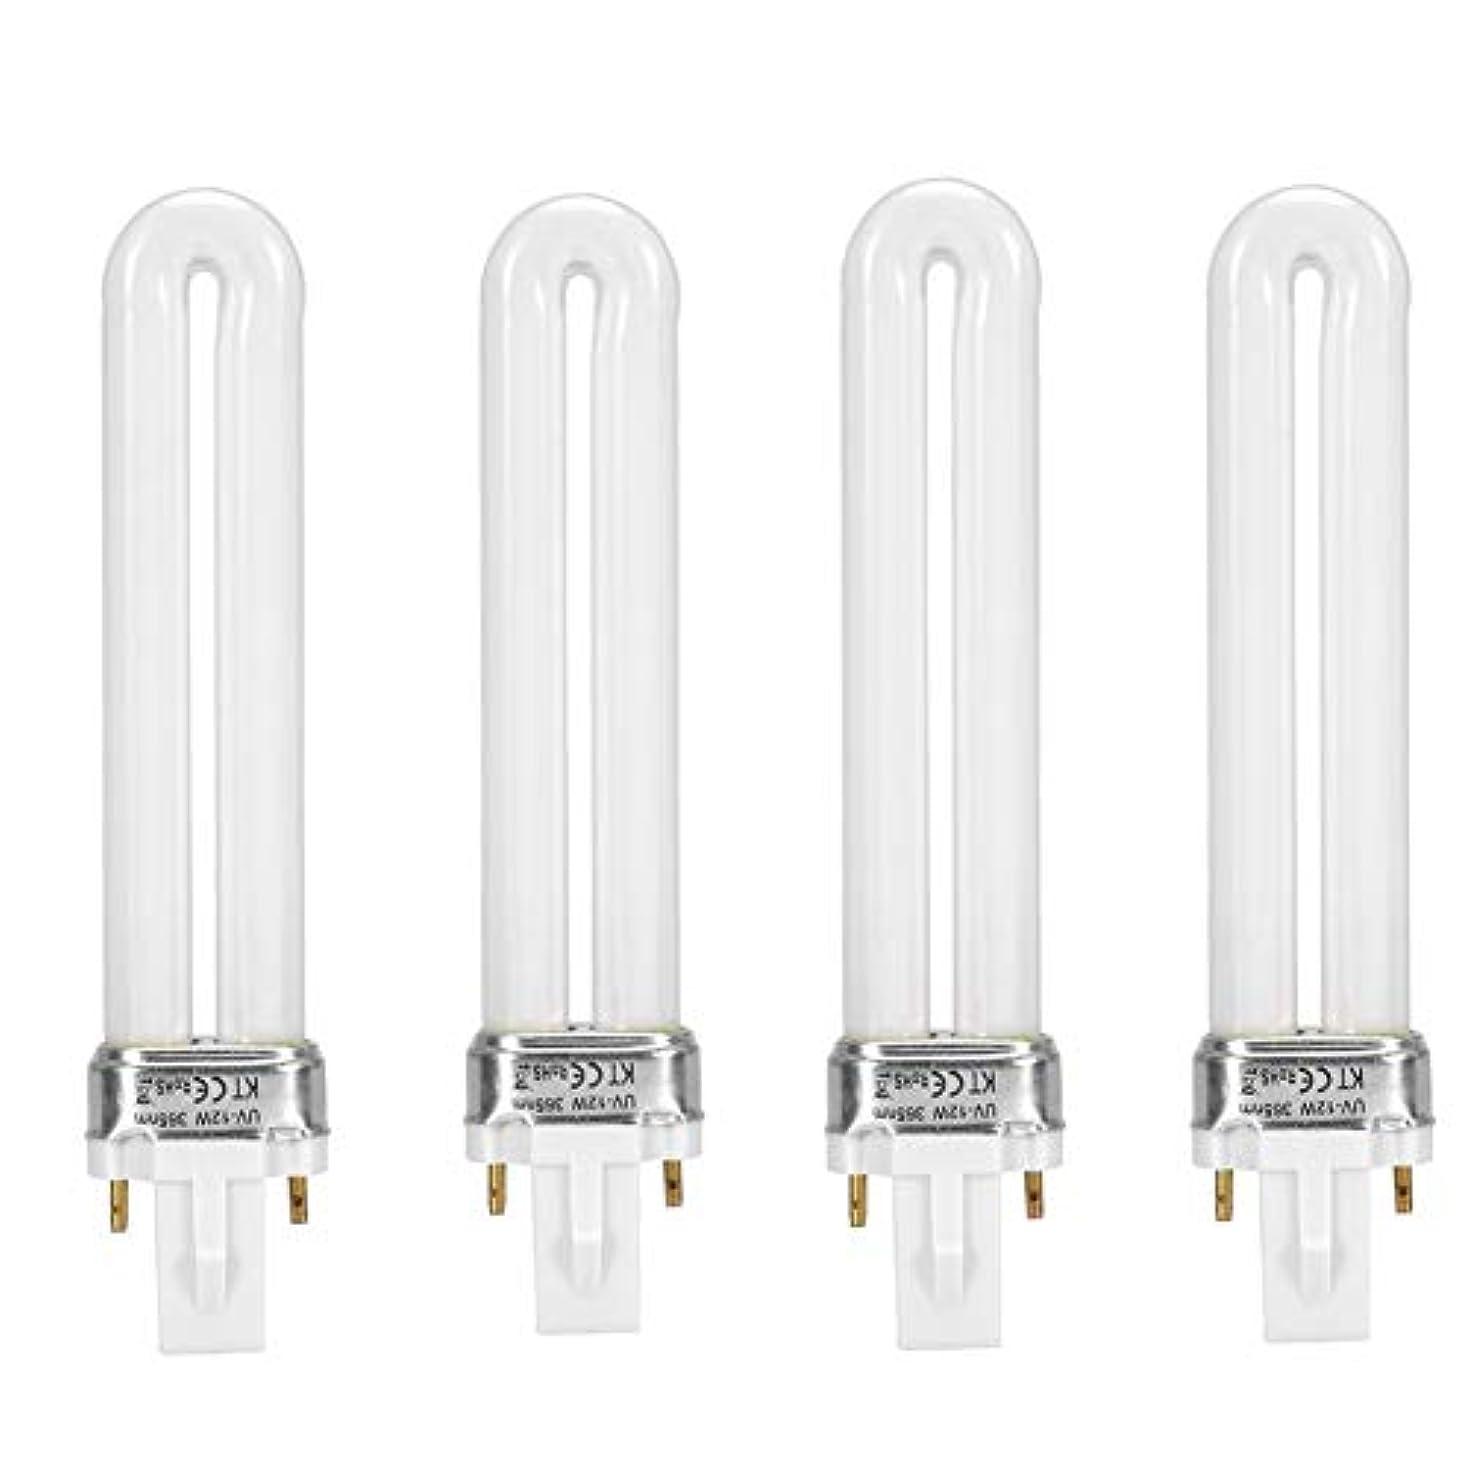 ブレース趣味順応性UVライト 交換用電球 UVランプ 4本セット